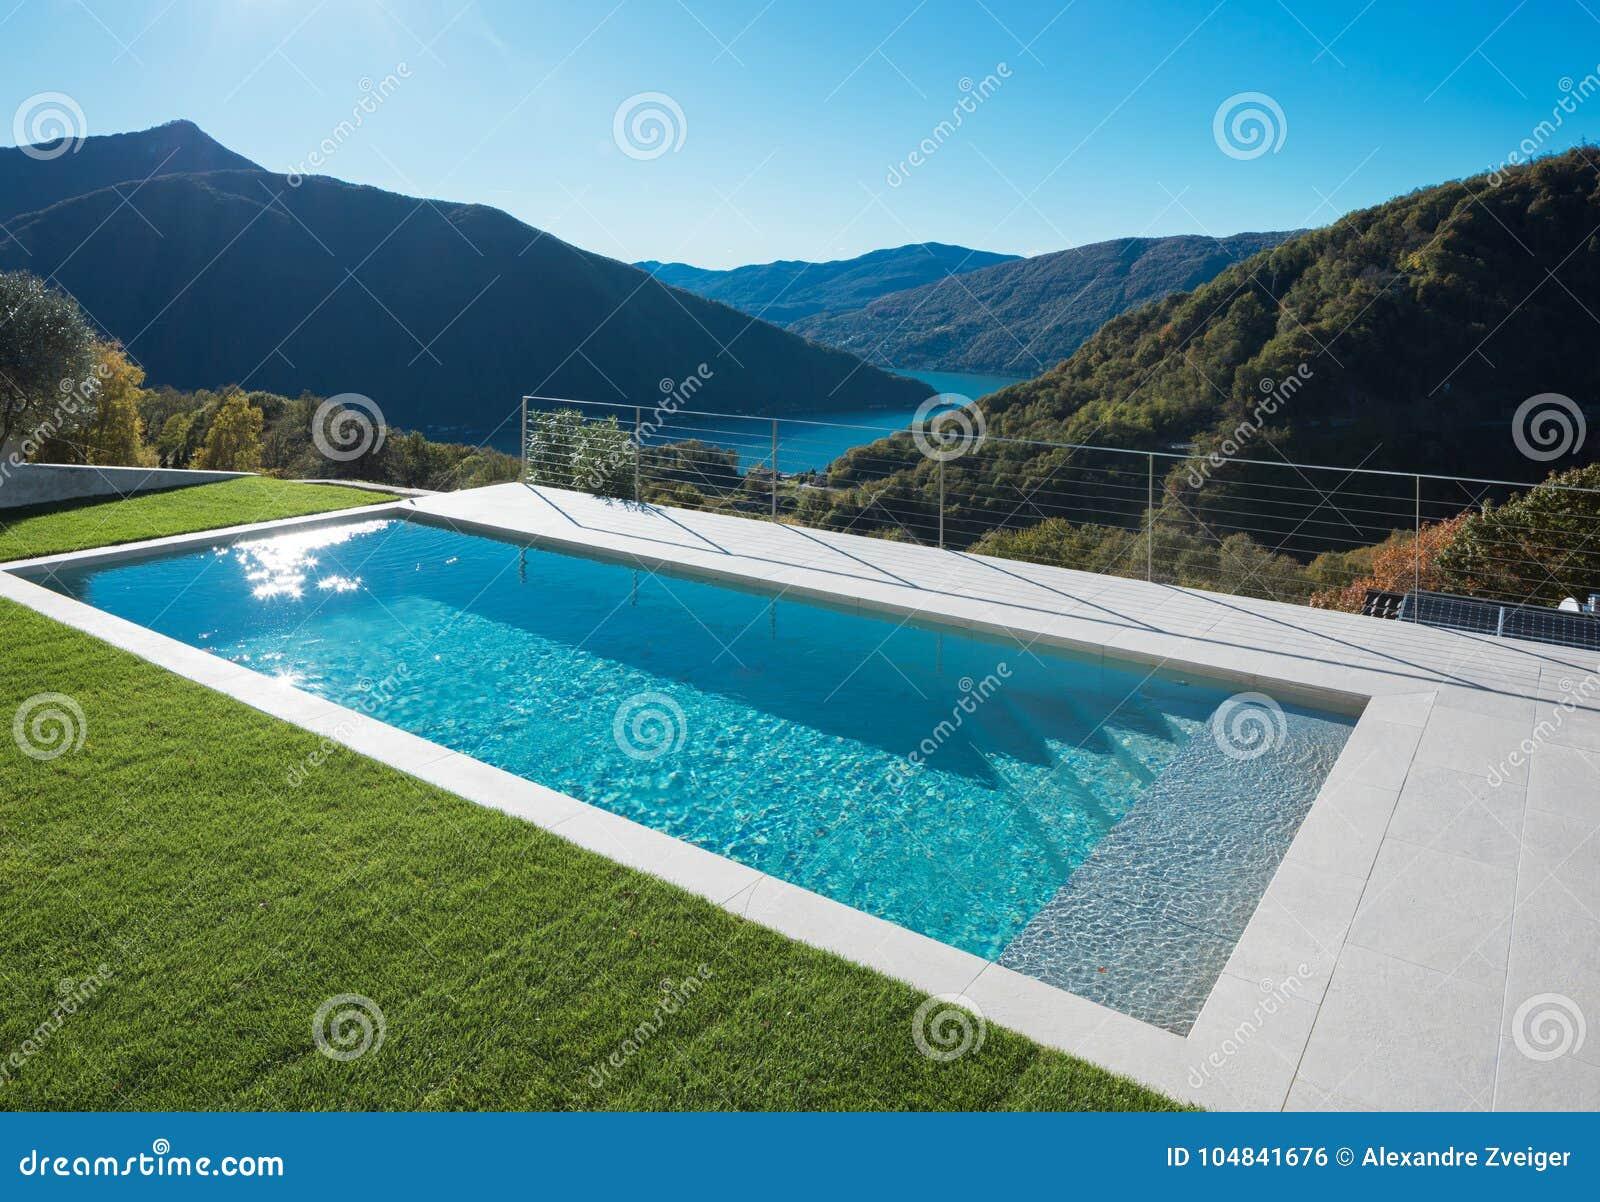 Piscine moderne dans le jardin avec la vue de lac et de vall e photo stock image du pour bleu - Piscine moderne ...